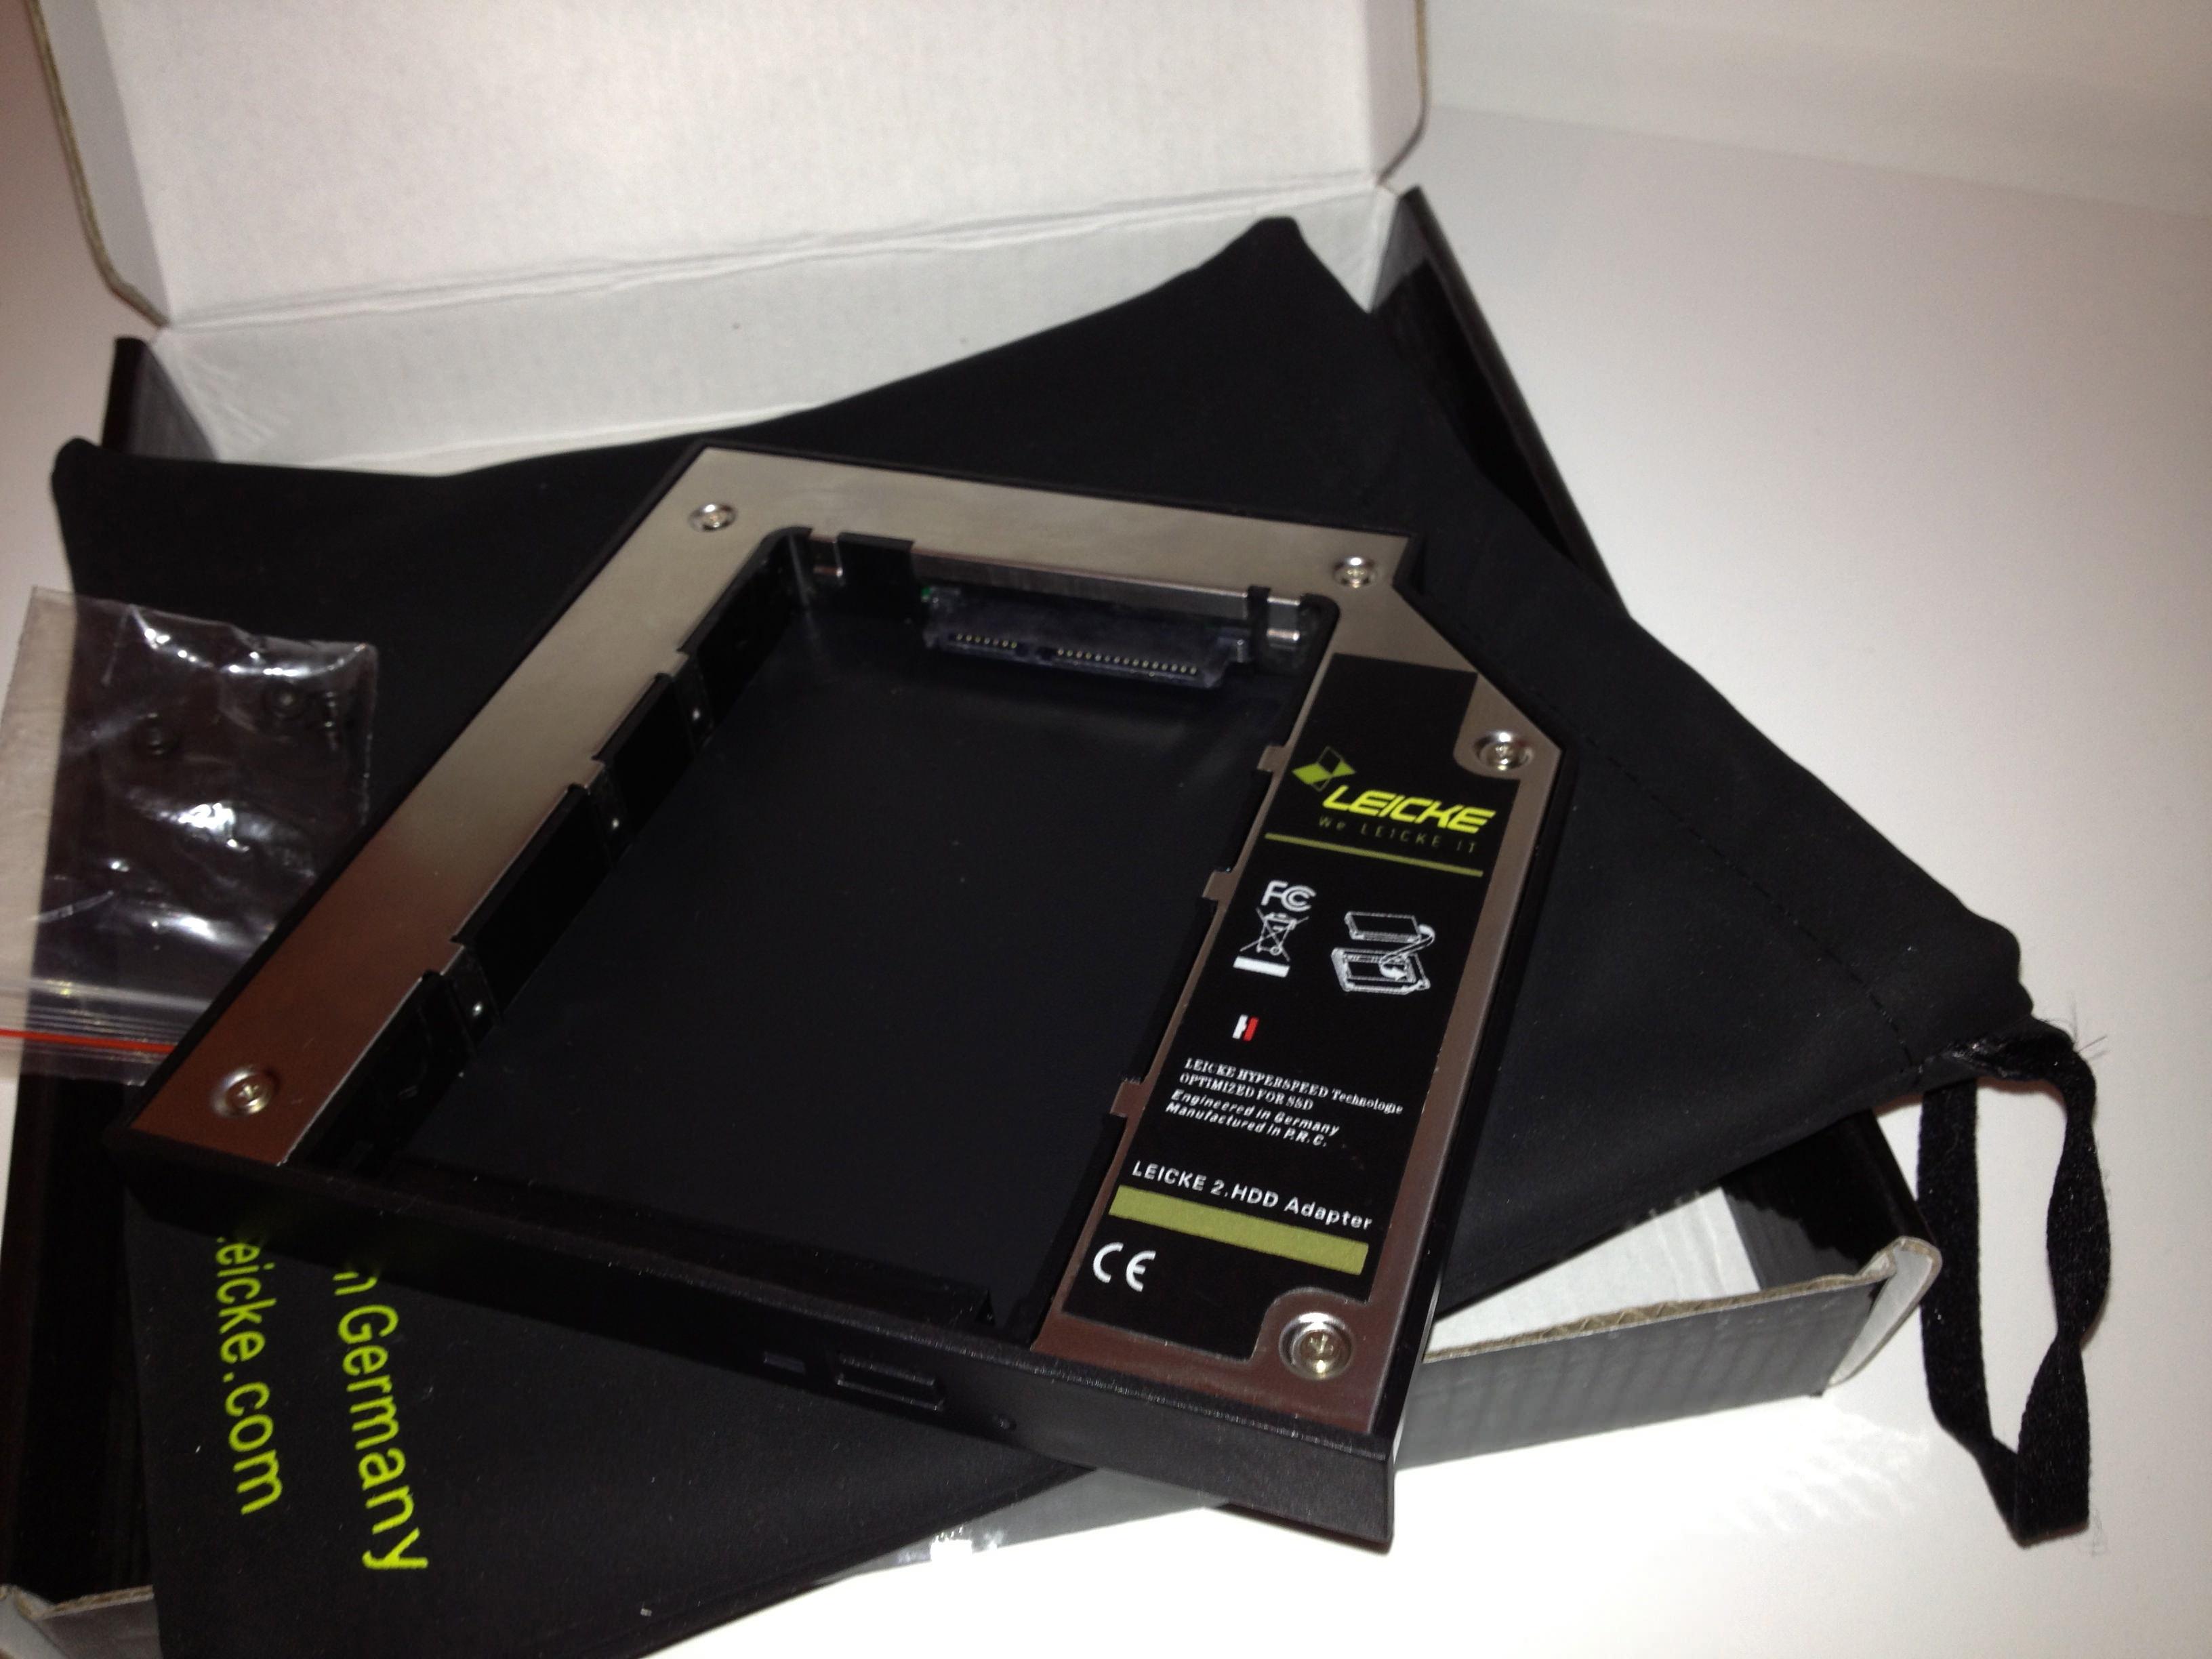 Recensione adattatore SSD universale SATA per Superdrive della Leicke